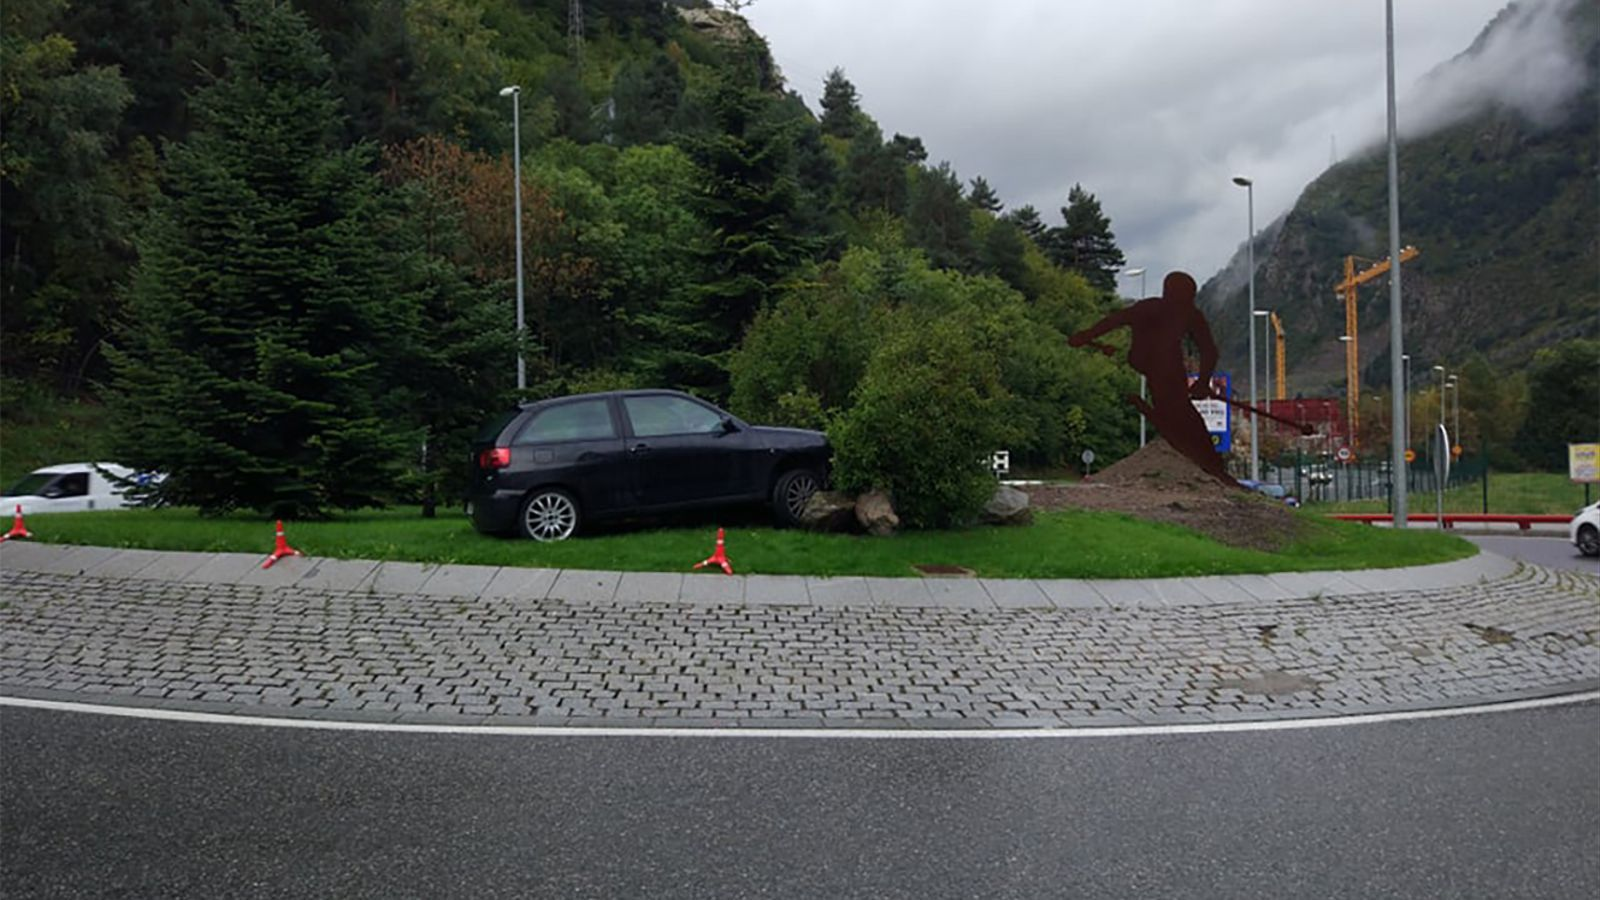 Així ha quedat el vehicle encastat a la rotonda de Valira Nova d'Encamp. / M. M. (ANA)